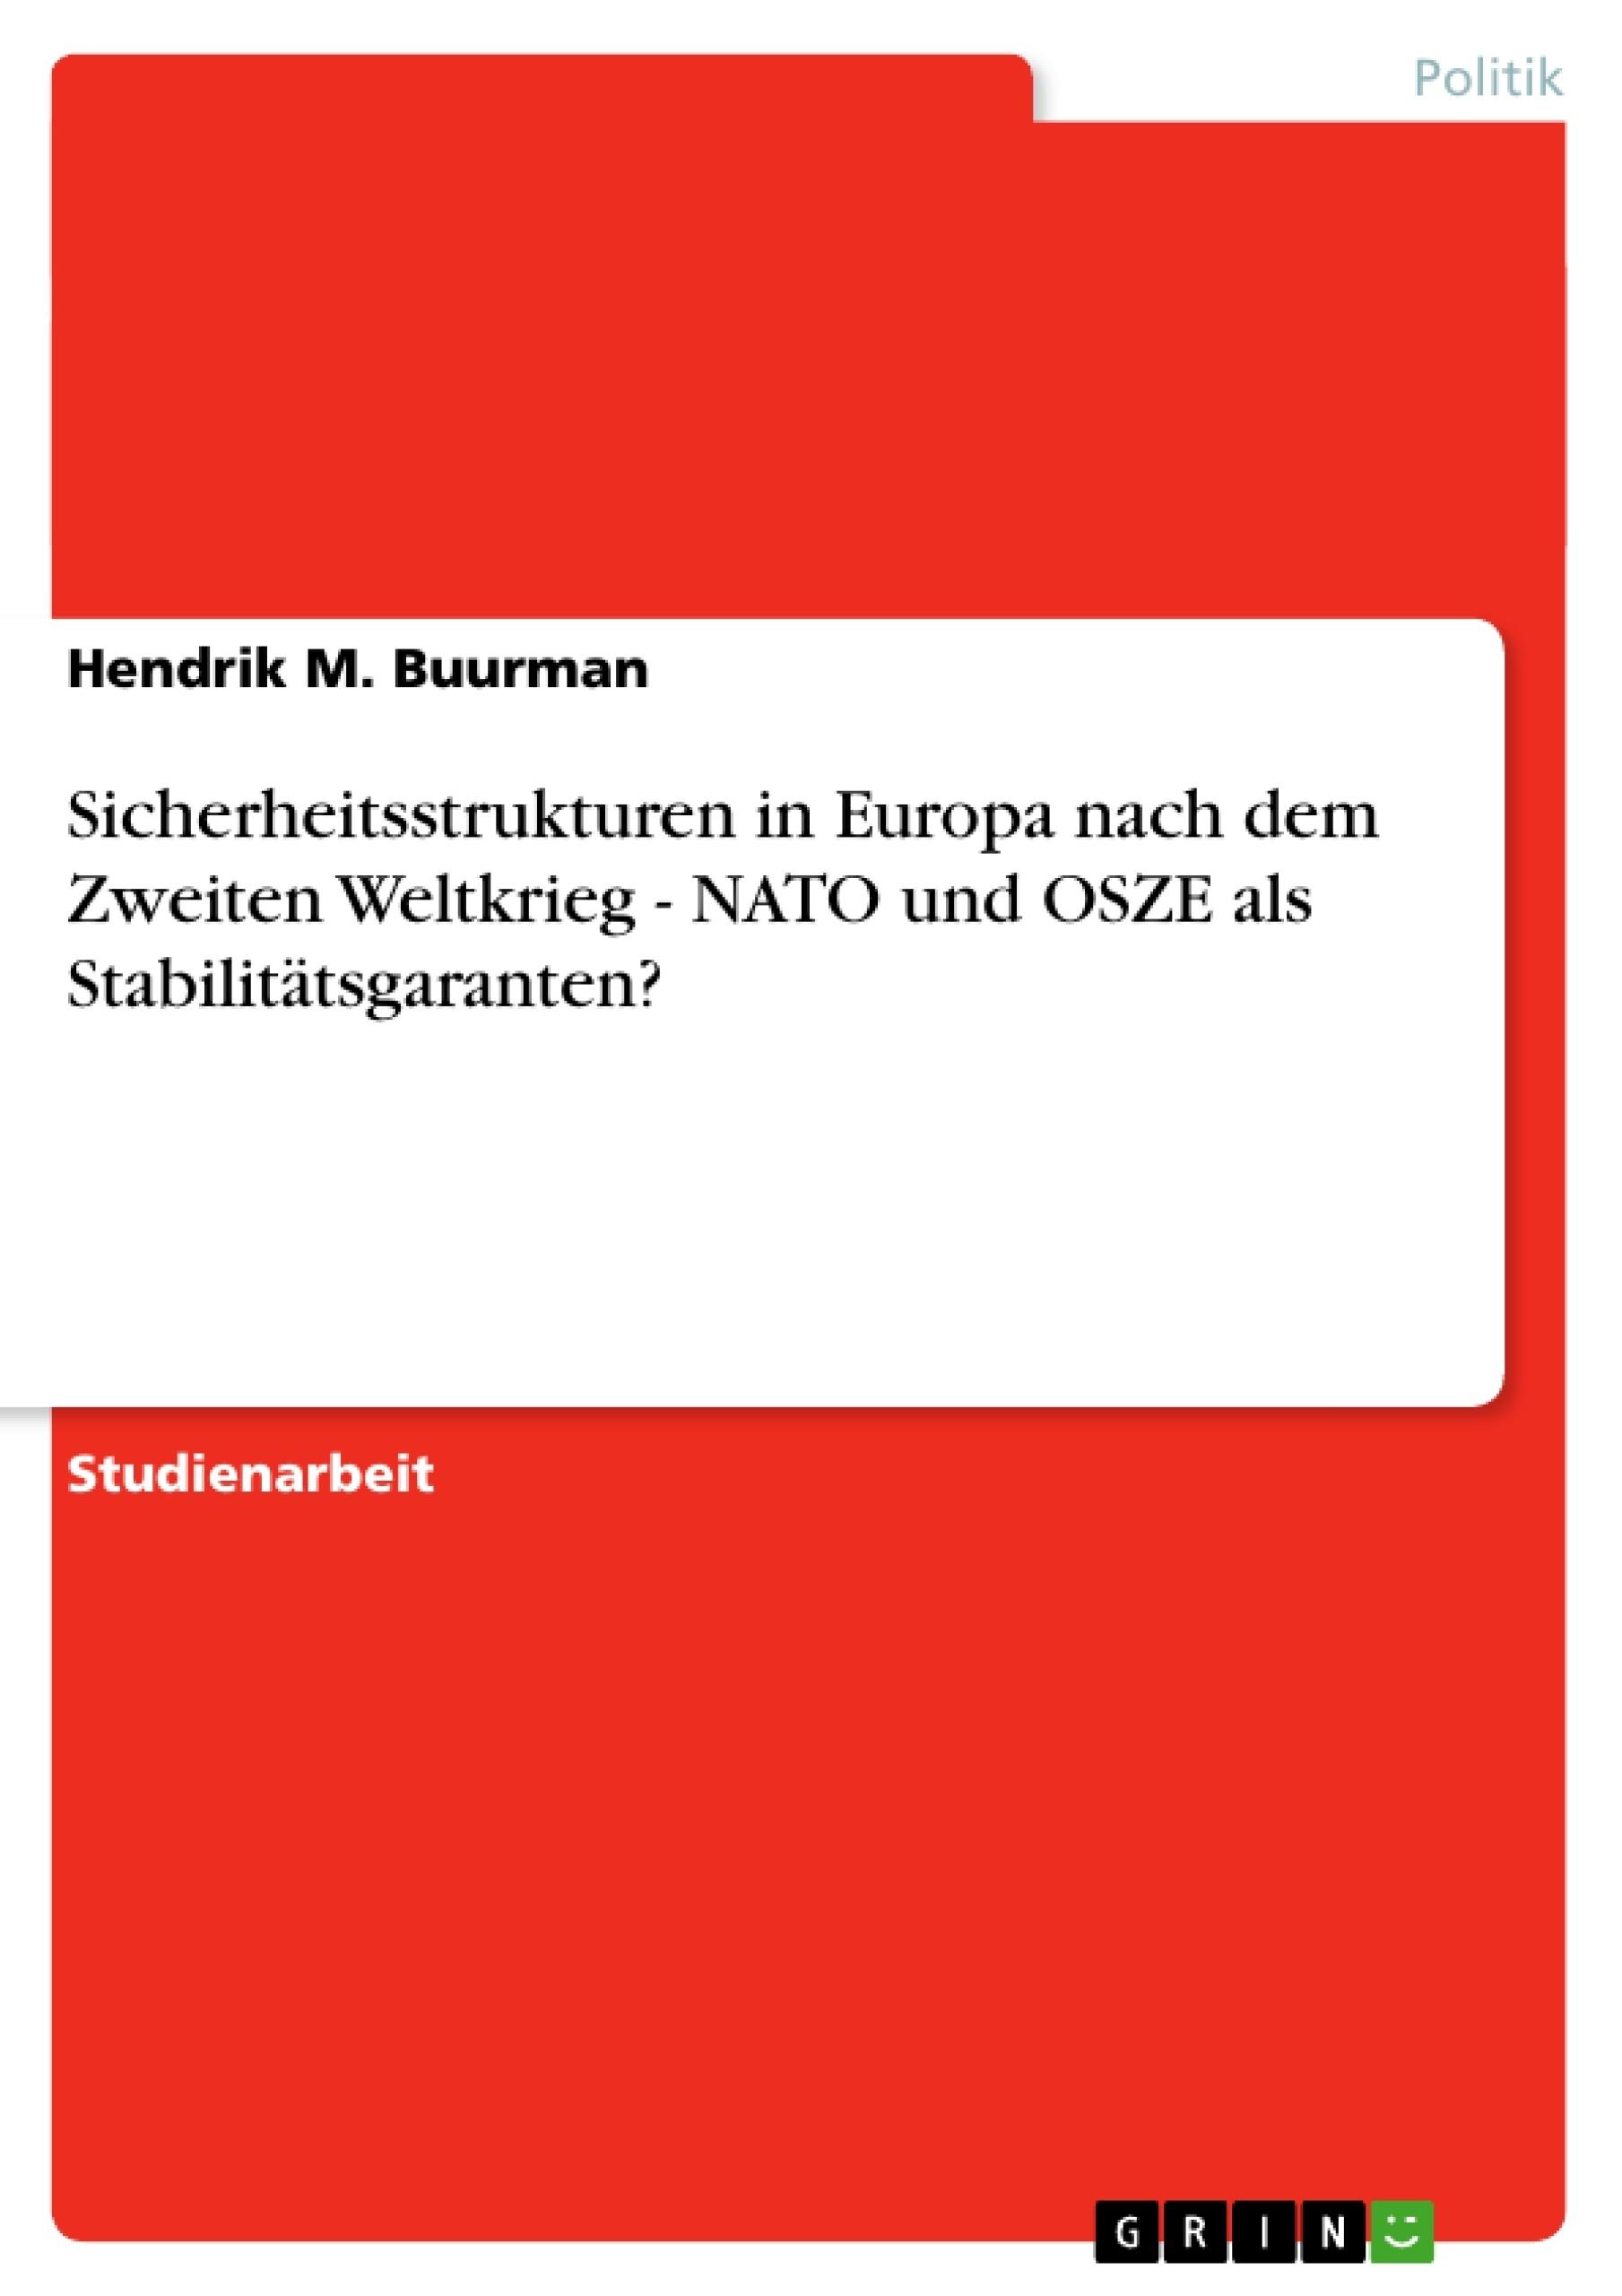 Titel: Sicherheitsstrukturen in Europa nach dem Zweiten Weltkrieg - NATO und OSZE als Stabilitätsgaranten?